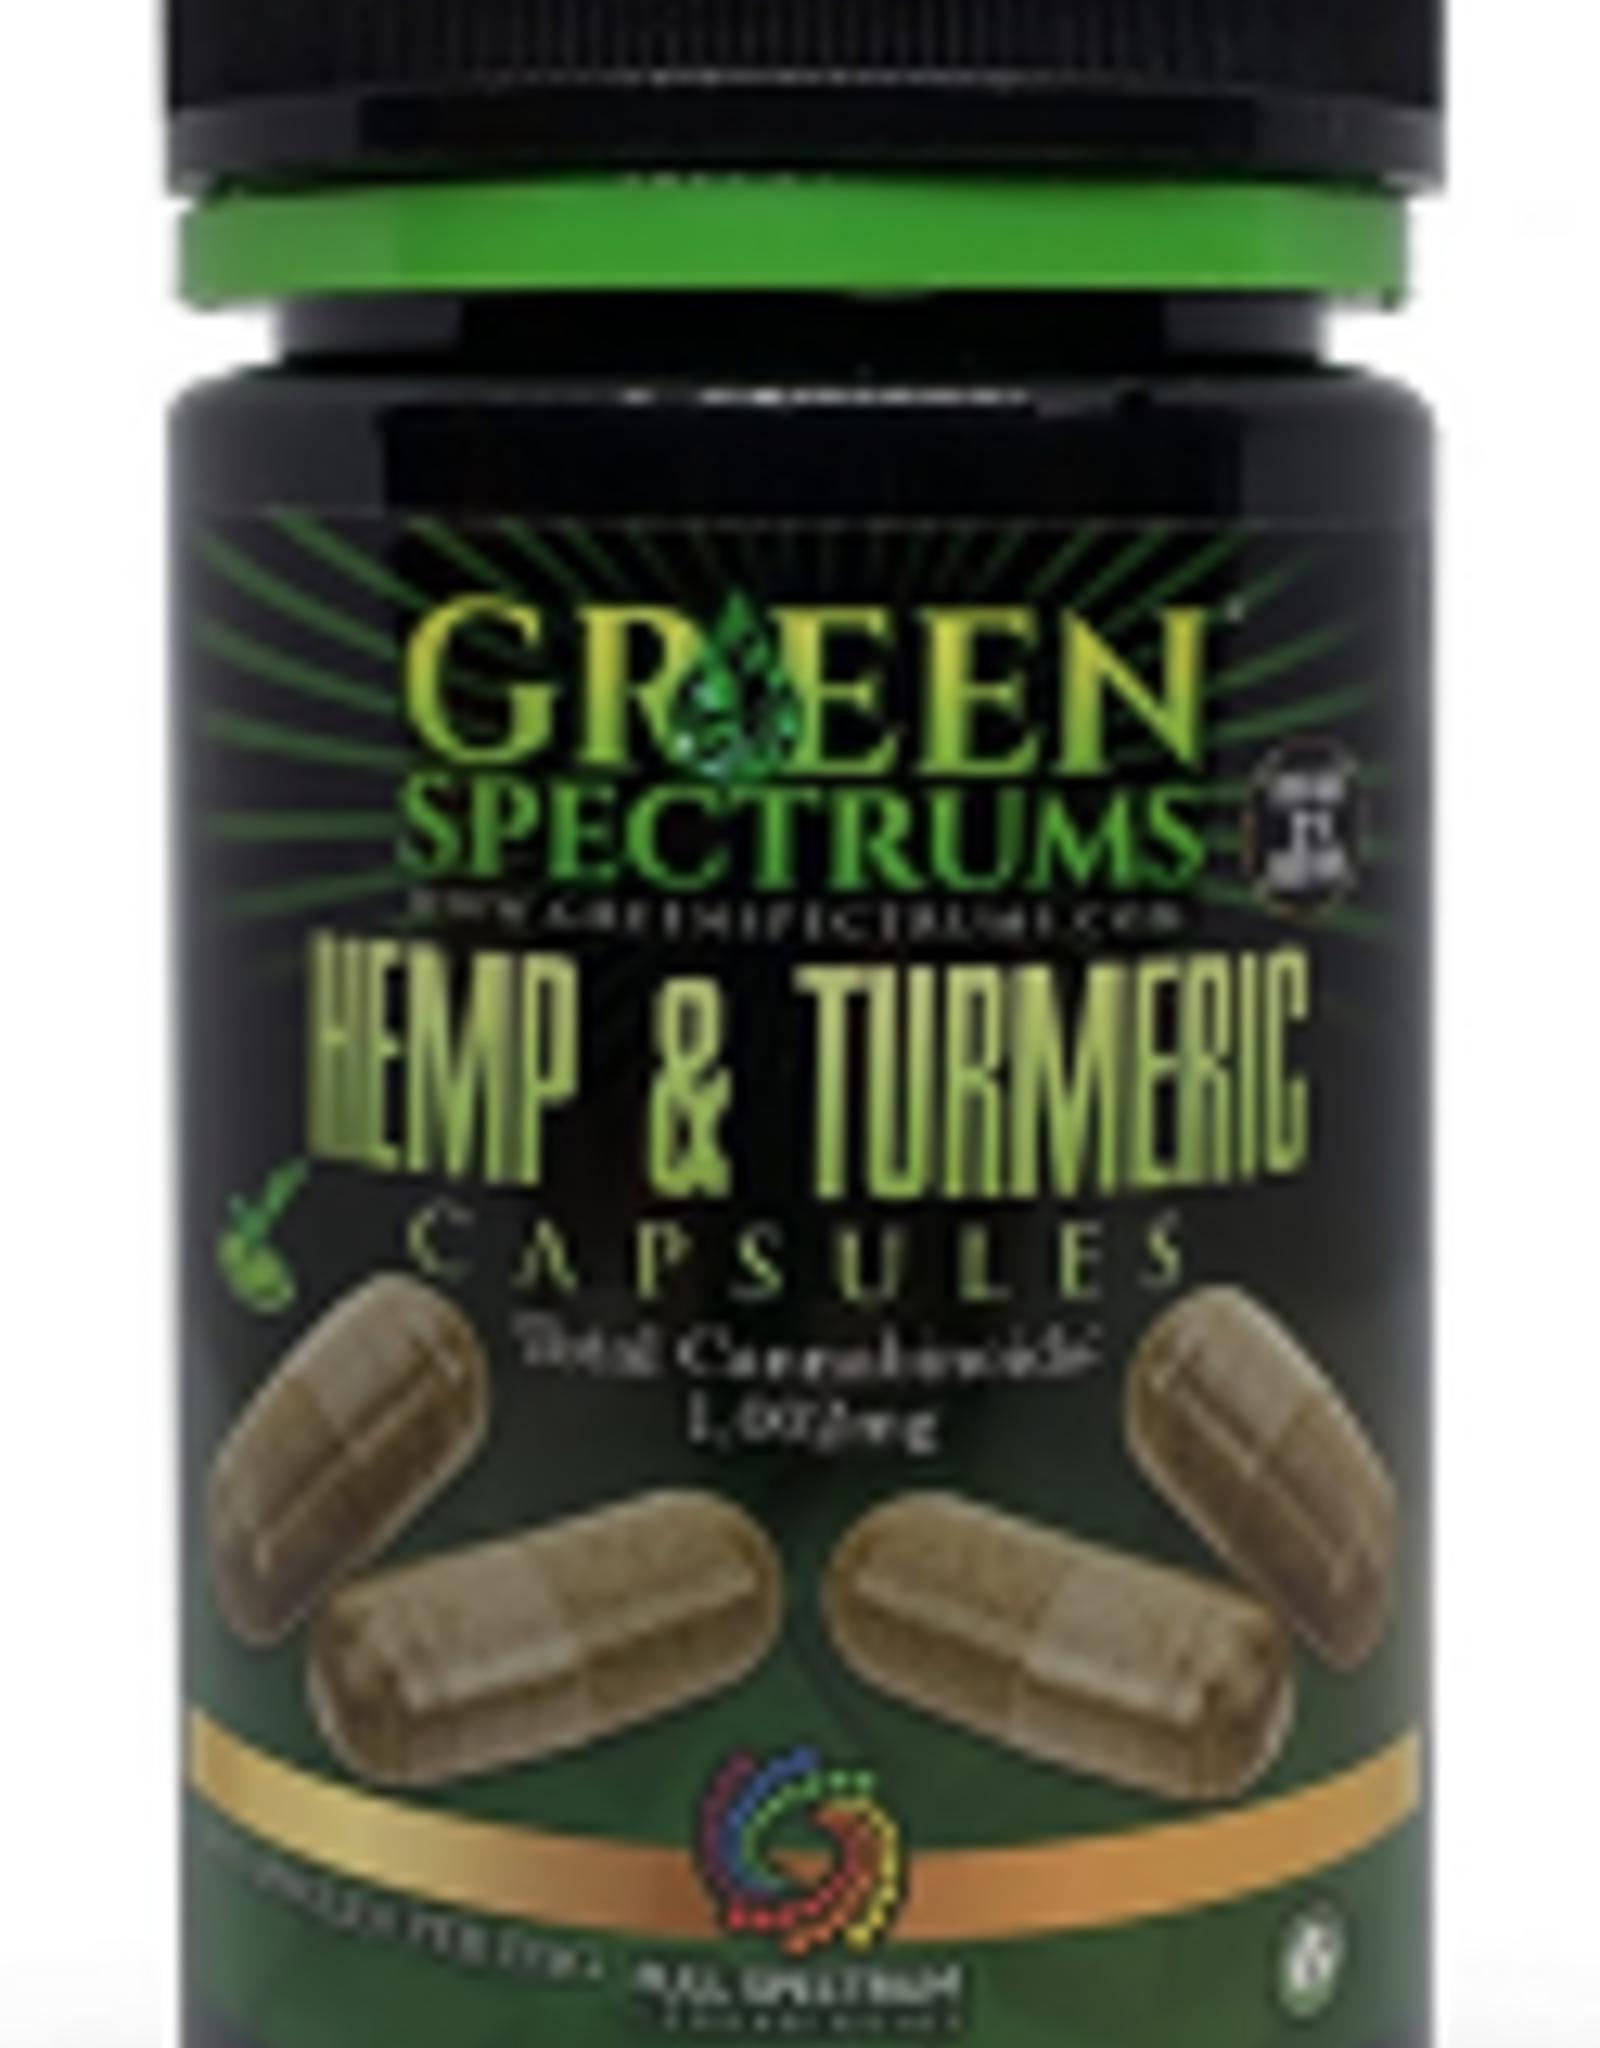 Hemp & Turmeric Capsules - 1002mg